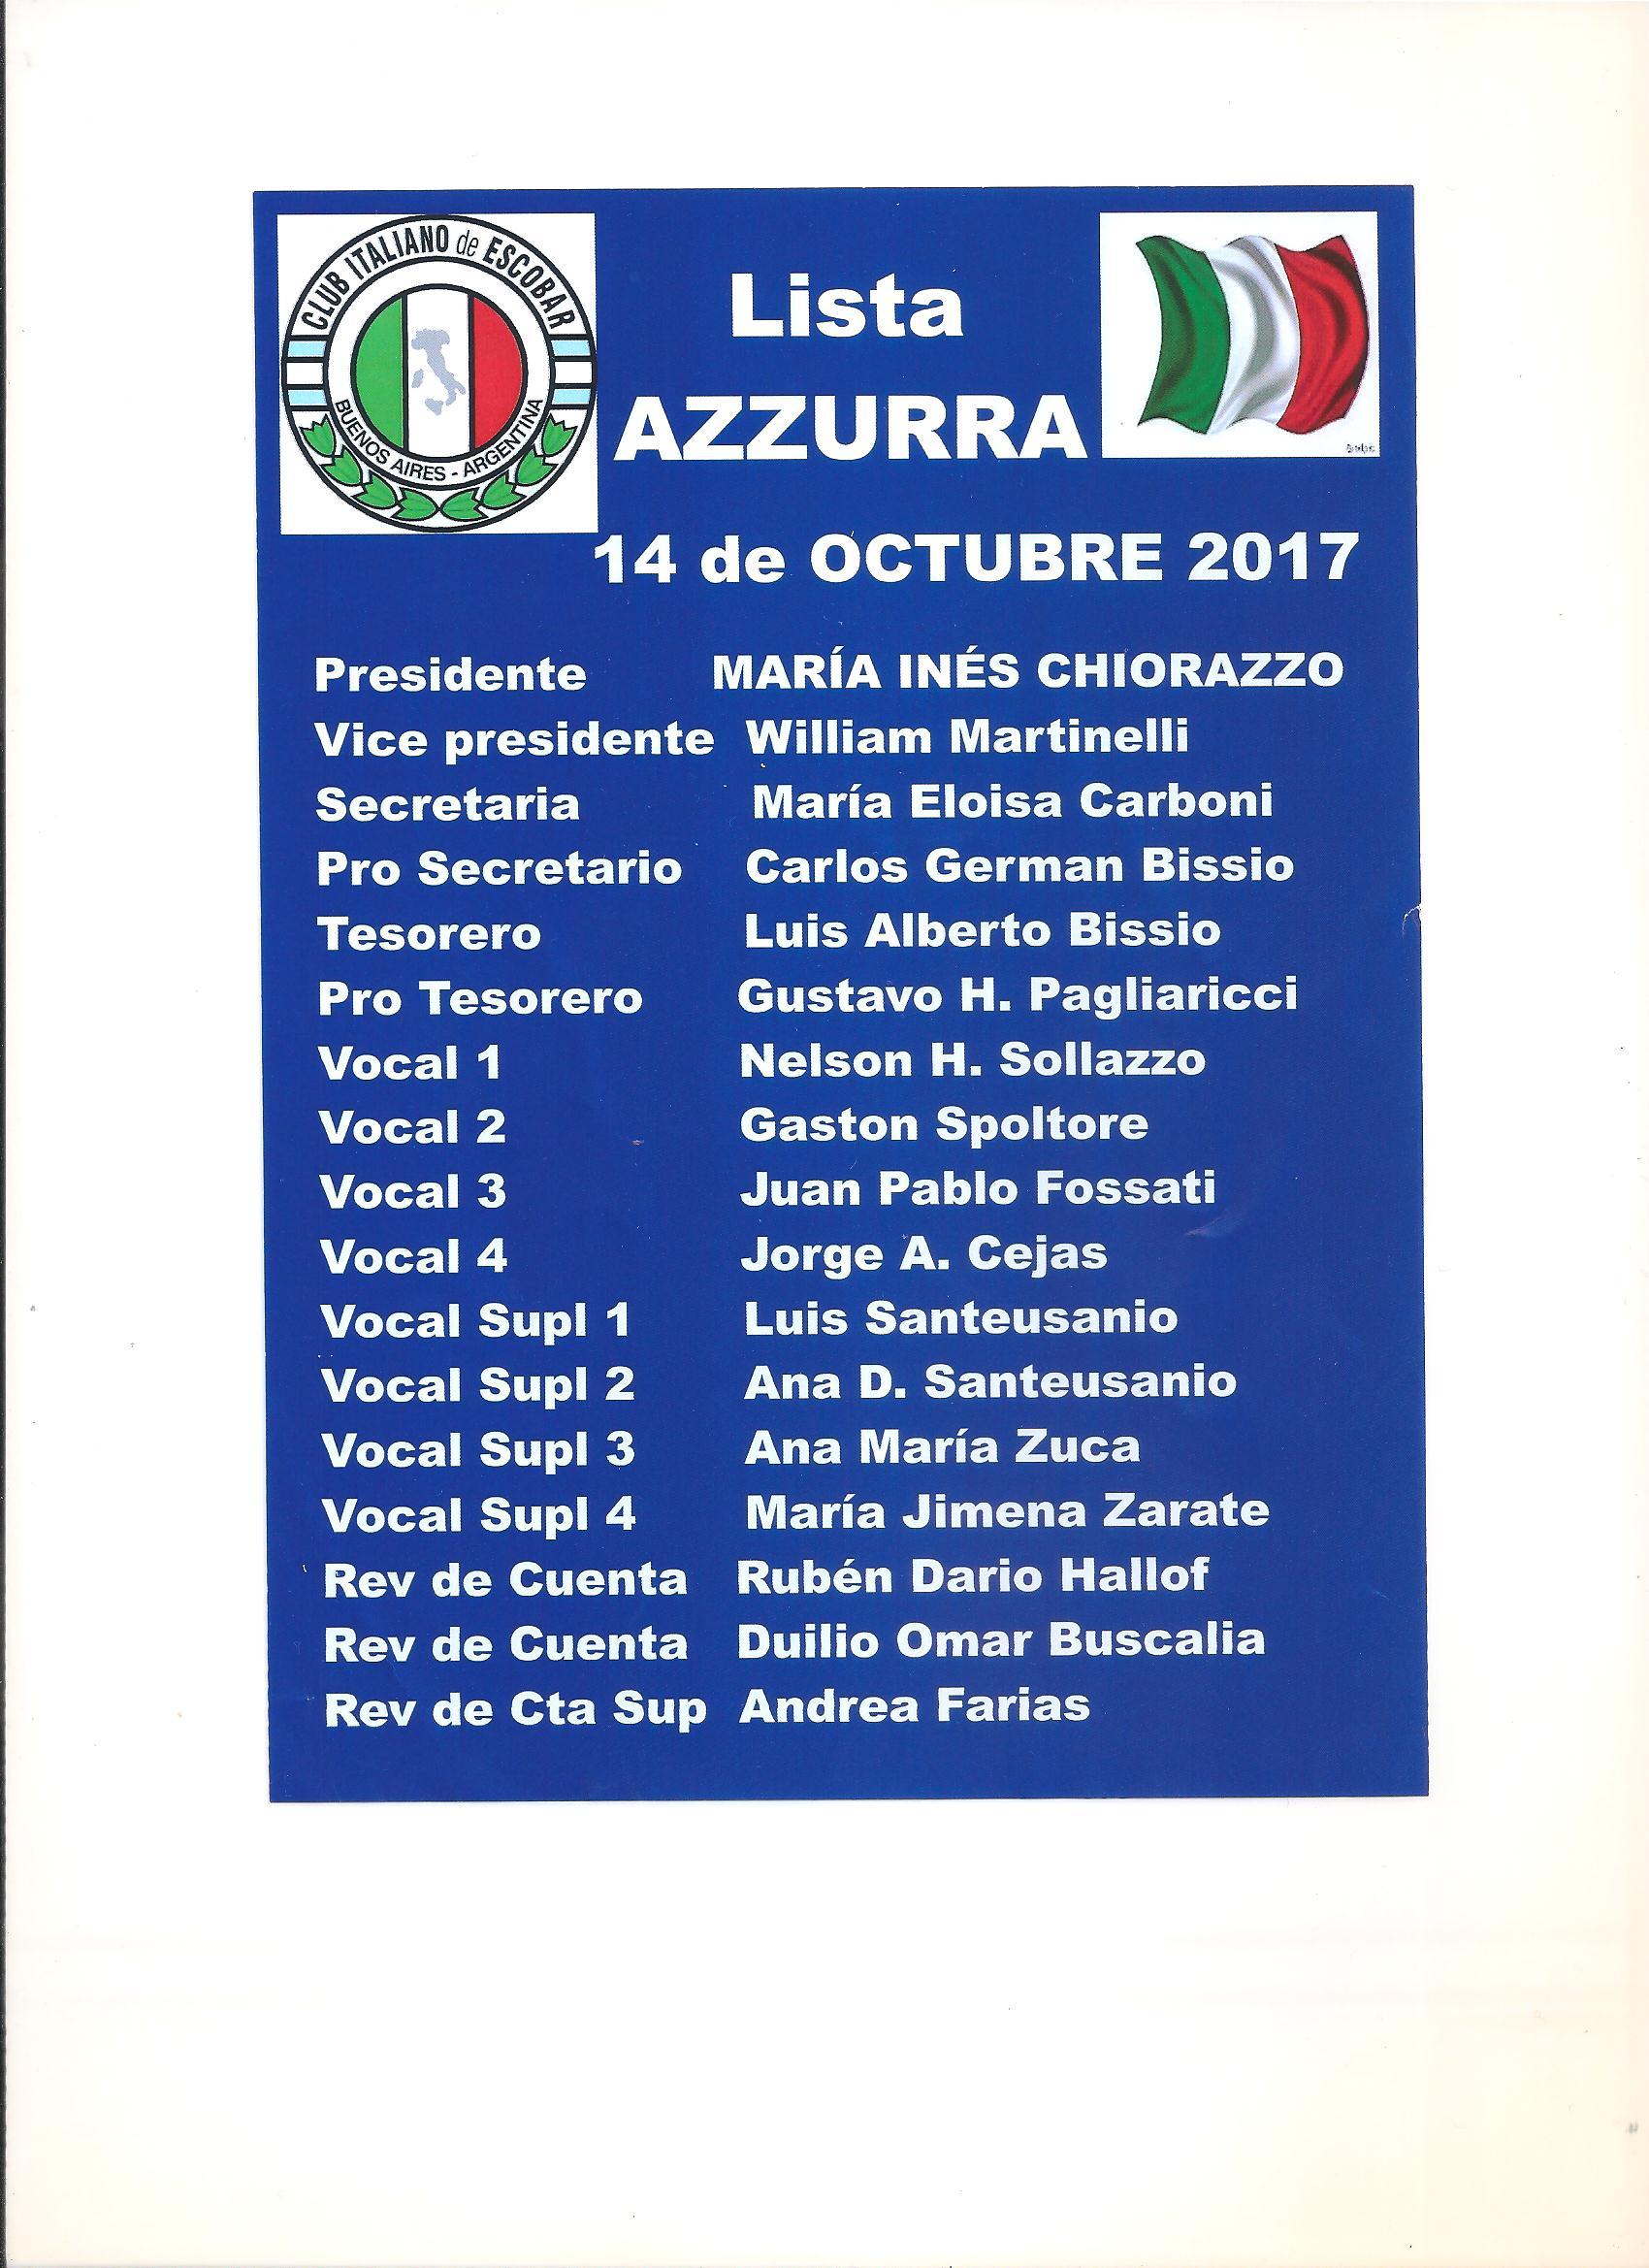 Lista AZURRA CITES